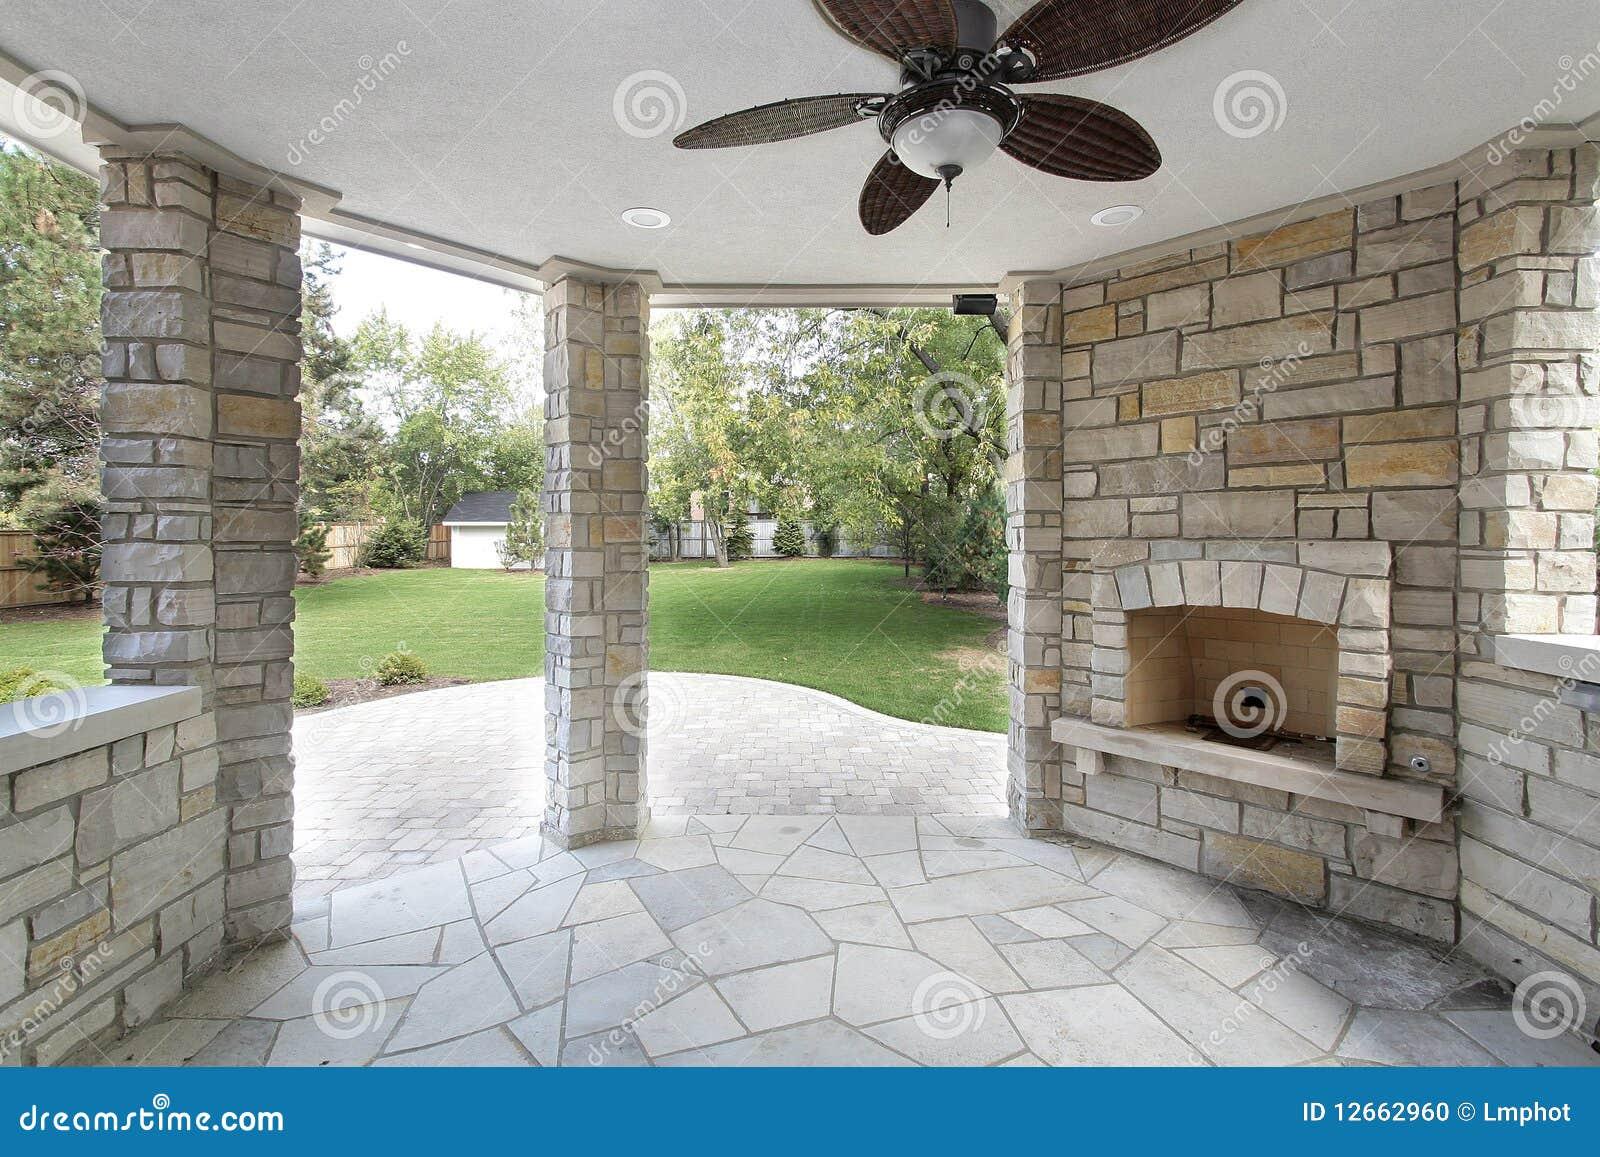 La piedra cubrió el patio